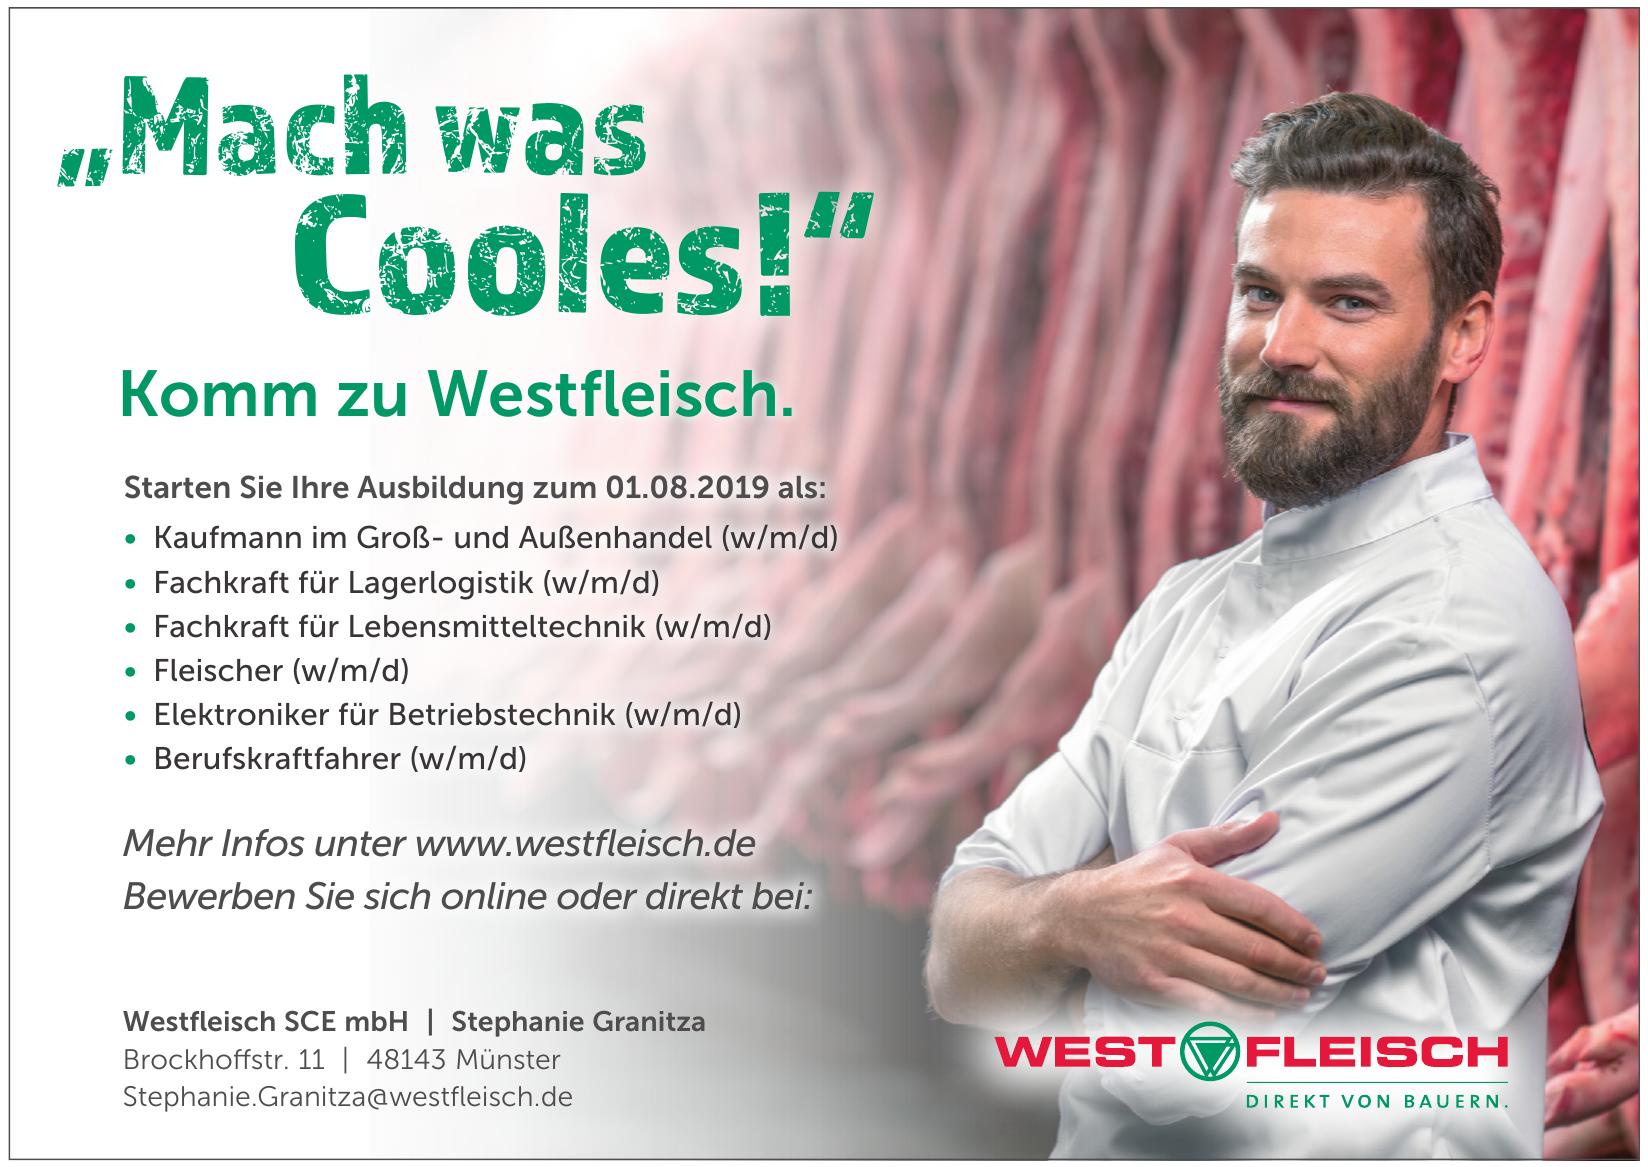 Westfleisch SCE mbH-Stephanie Granitza